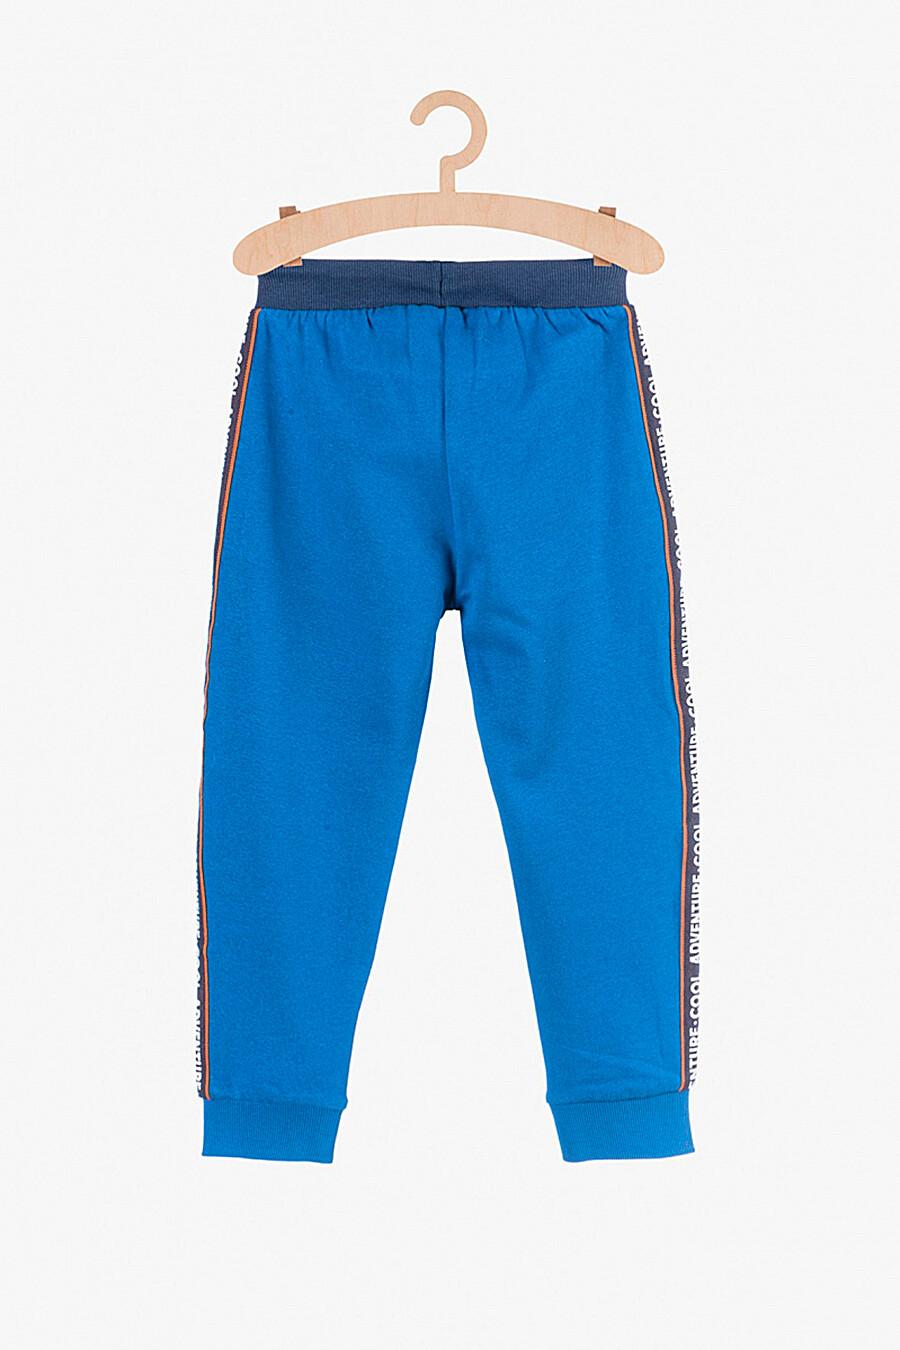 Брюки для мальчиков 5.10.15 668565 купить оптом от производителя. Совместная покупка детской одежды в OptMoyo